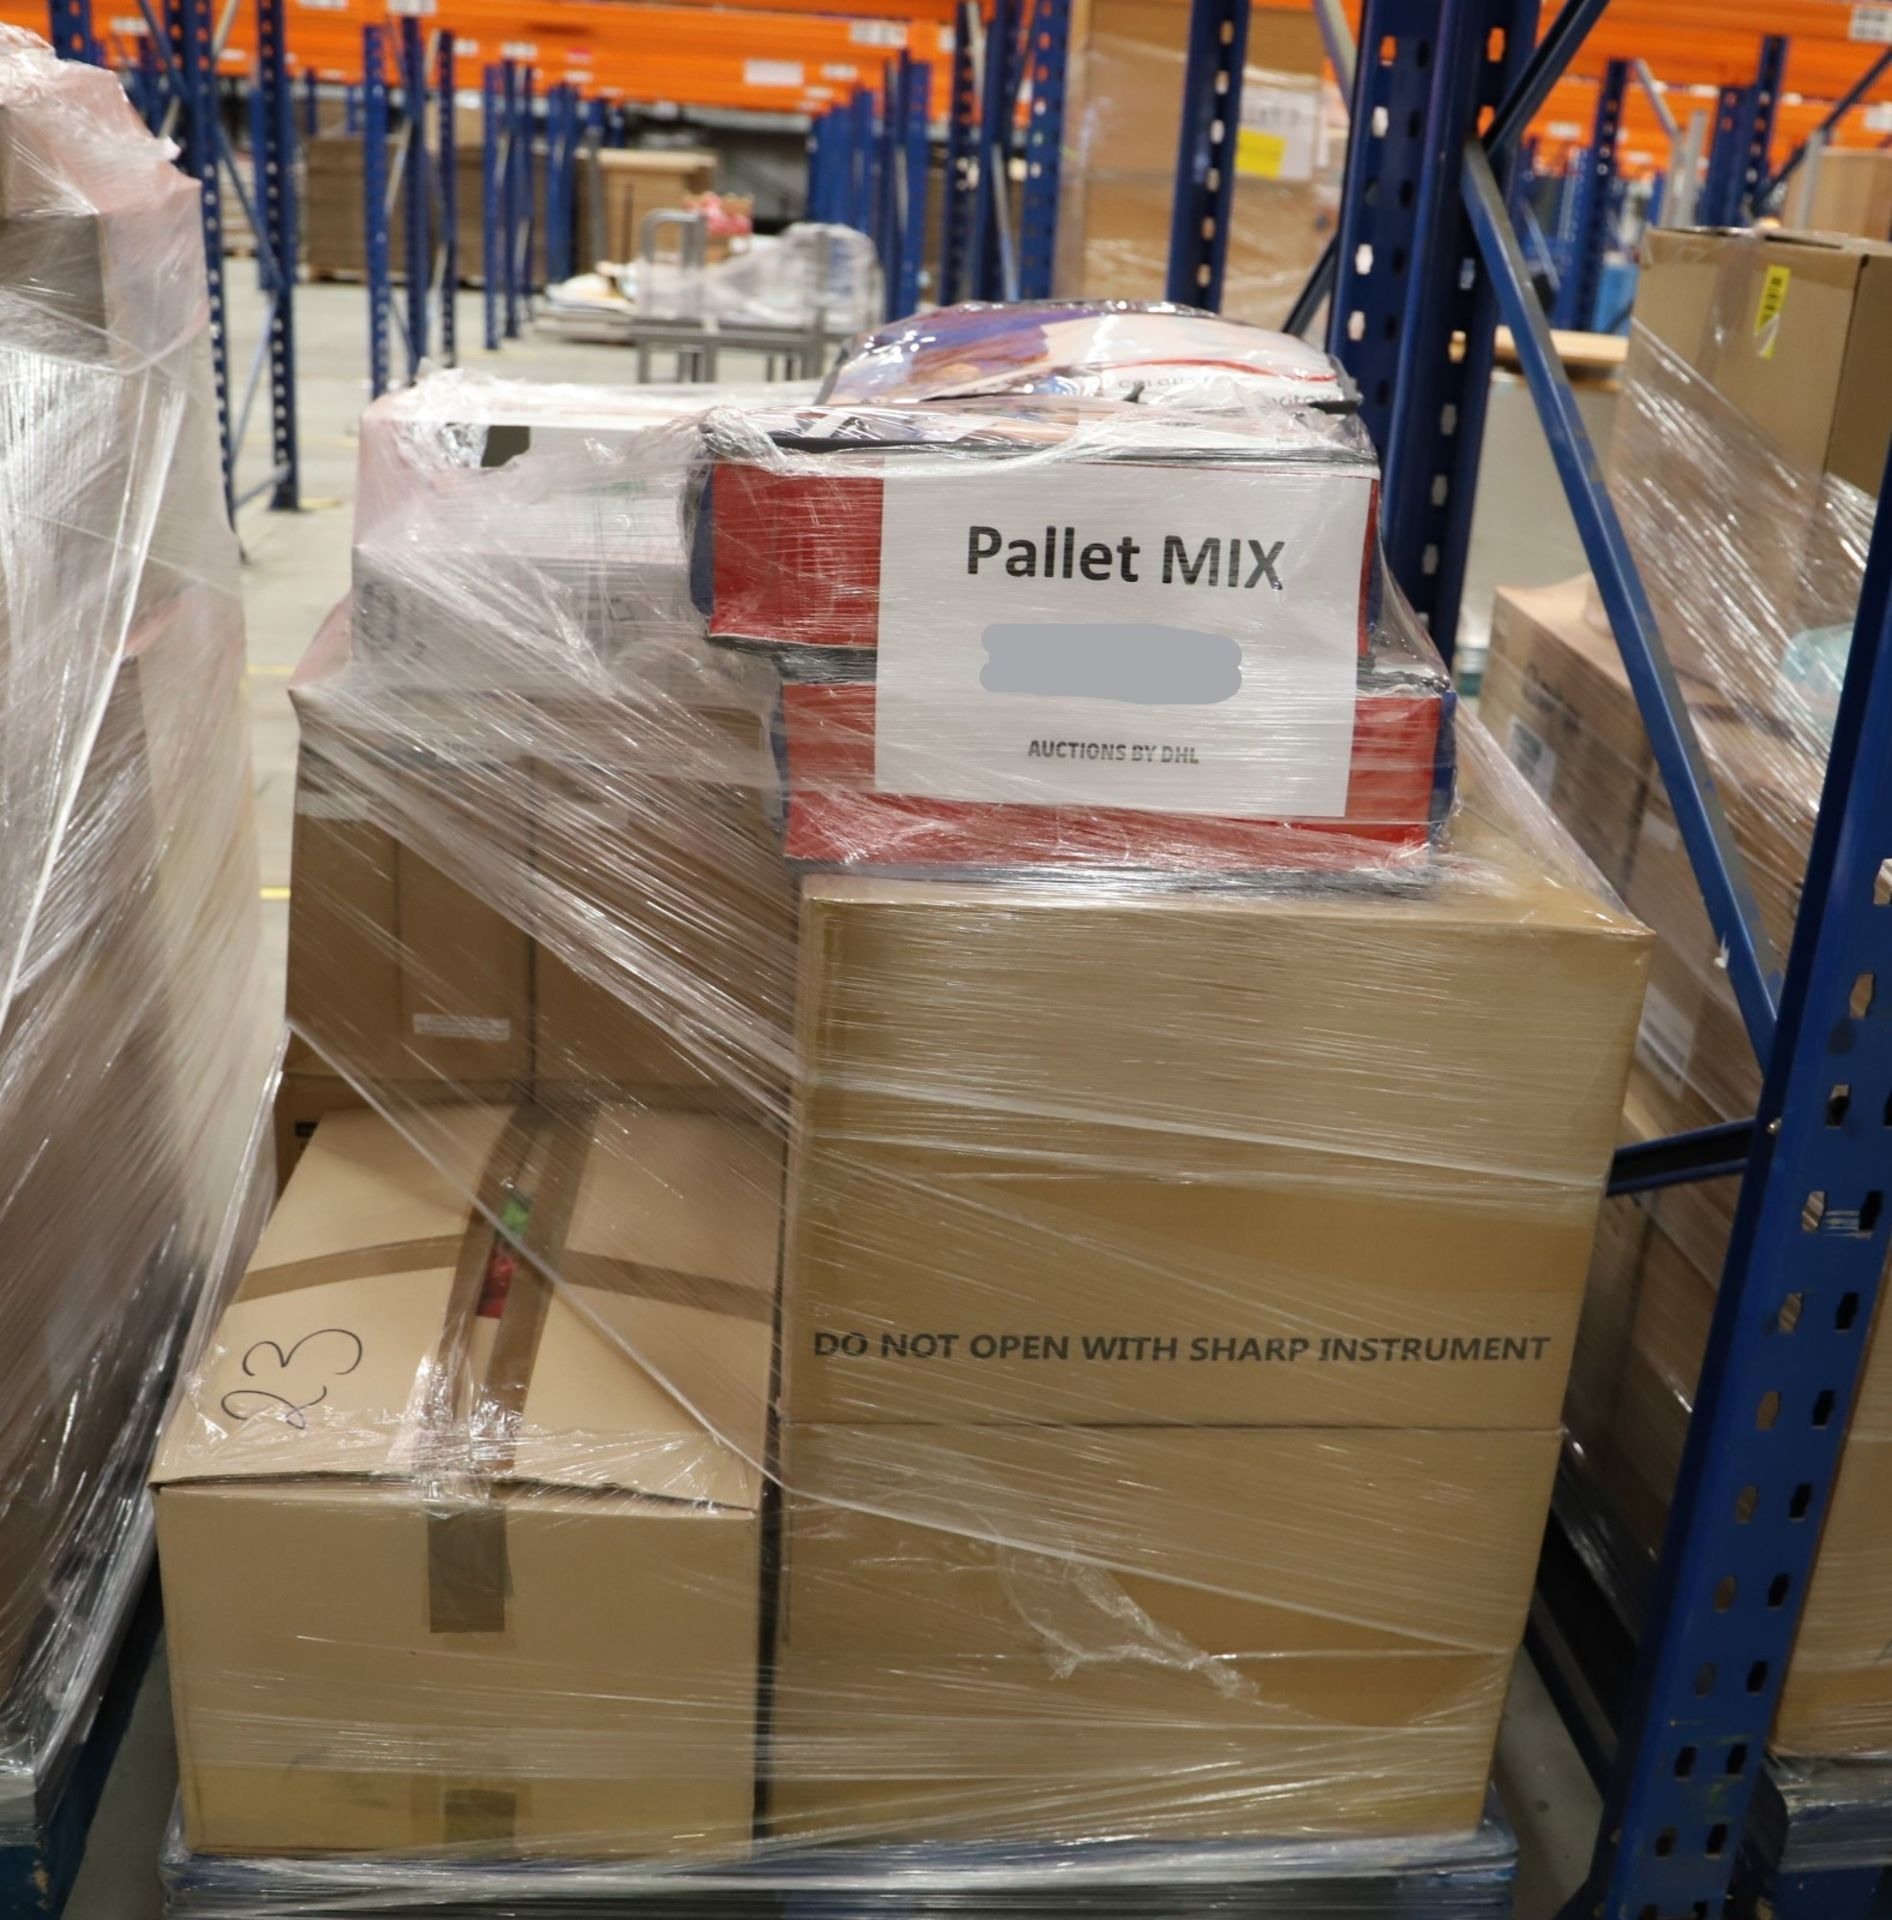 Lot 10 - *No Reserve* Mixed Lot 51 items - Brands include Britax & Funloom. RRP £1733.86